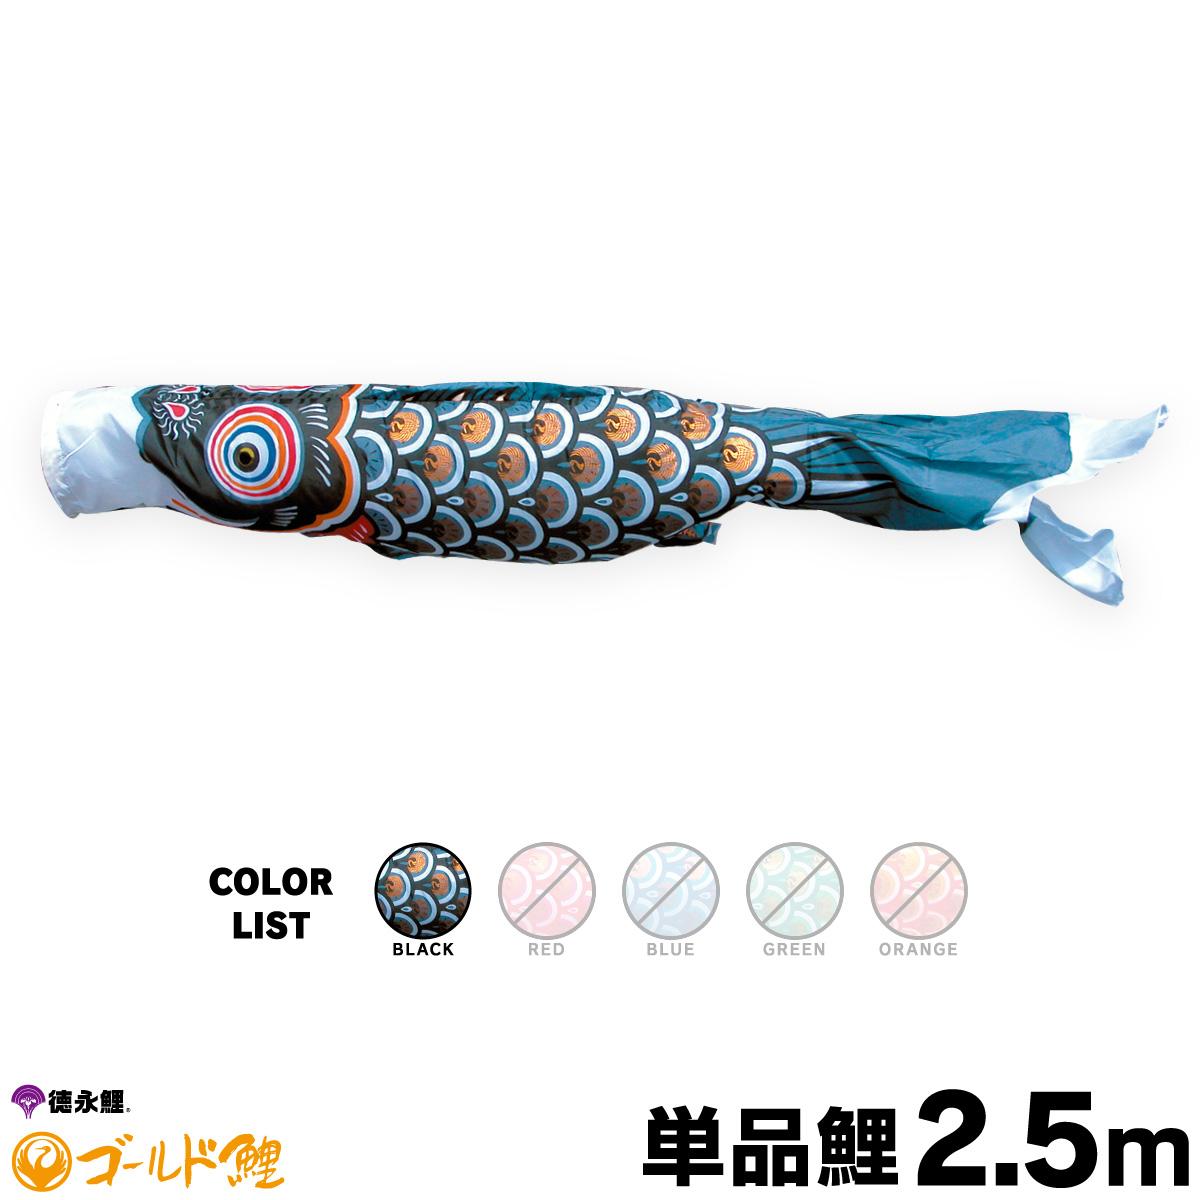 【こいのぼり 単品】 ゴールド鯉 2.5m 単品鯉 黒